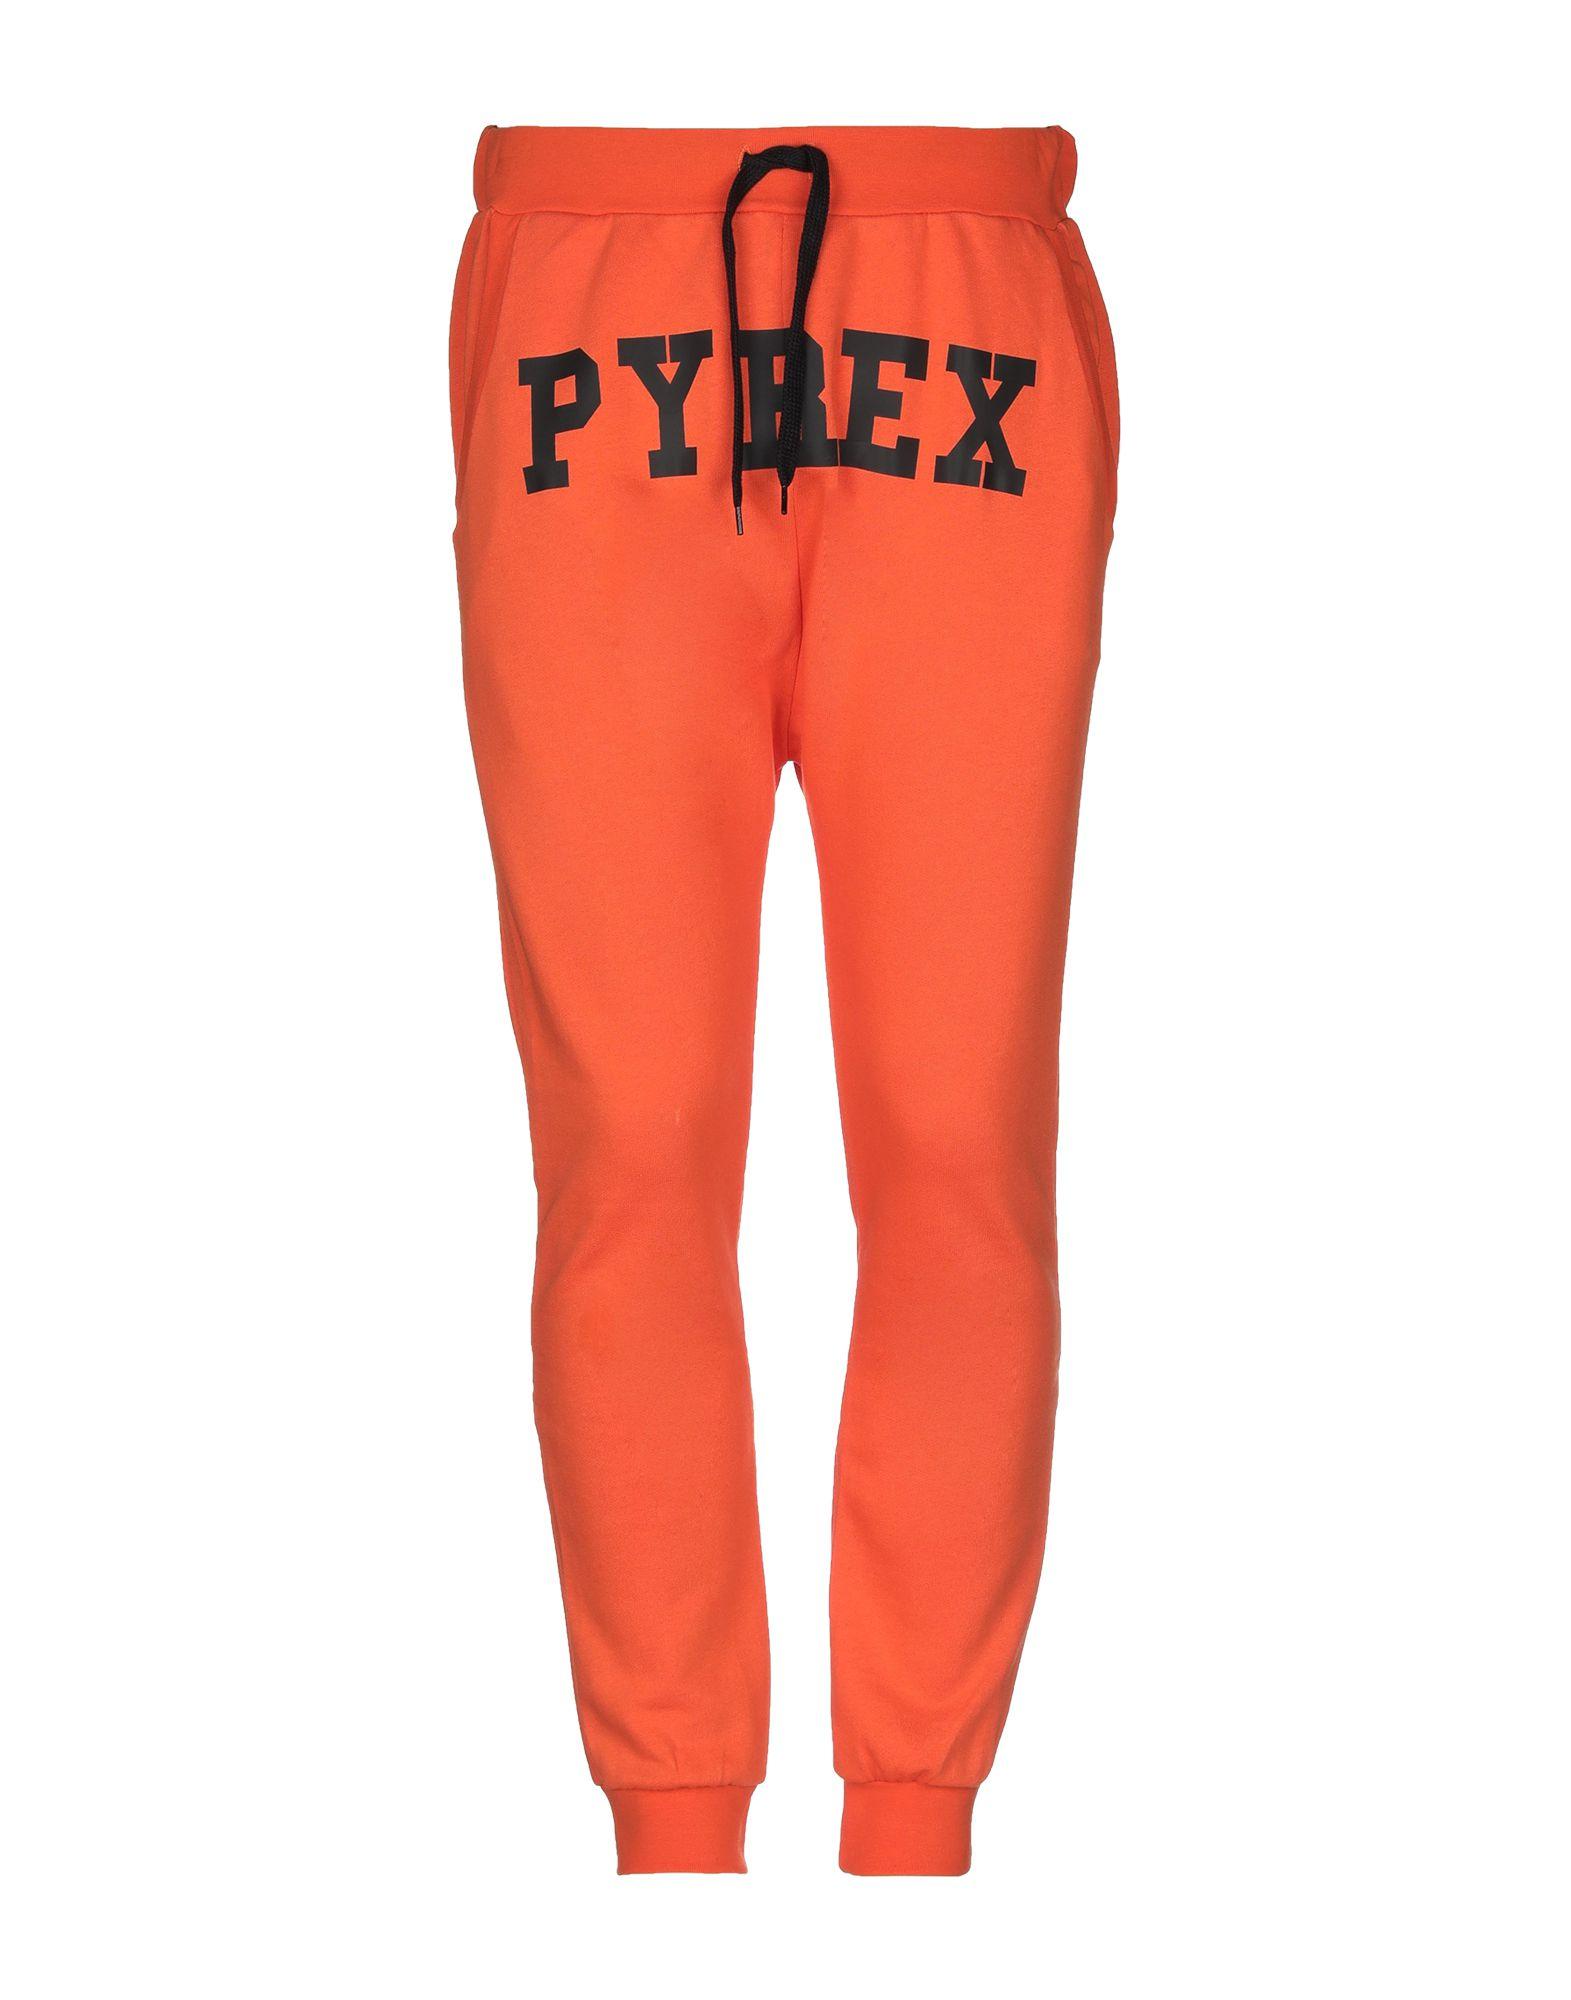 《送料無料》PYREX メンズ パンツ オレンジ XS コットン 100%